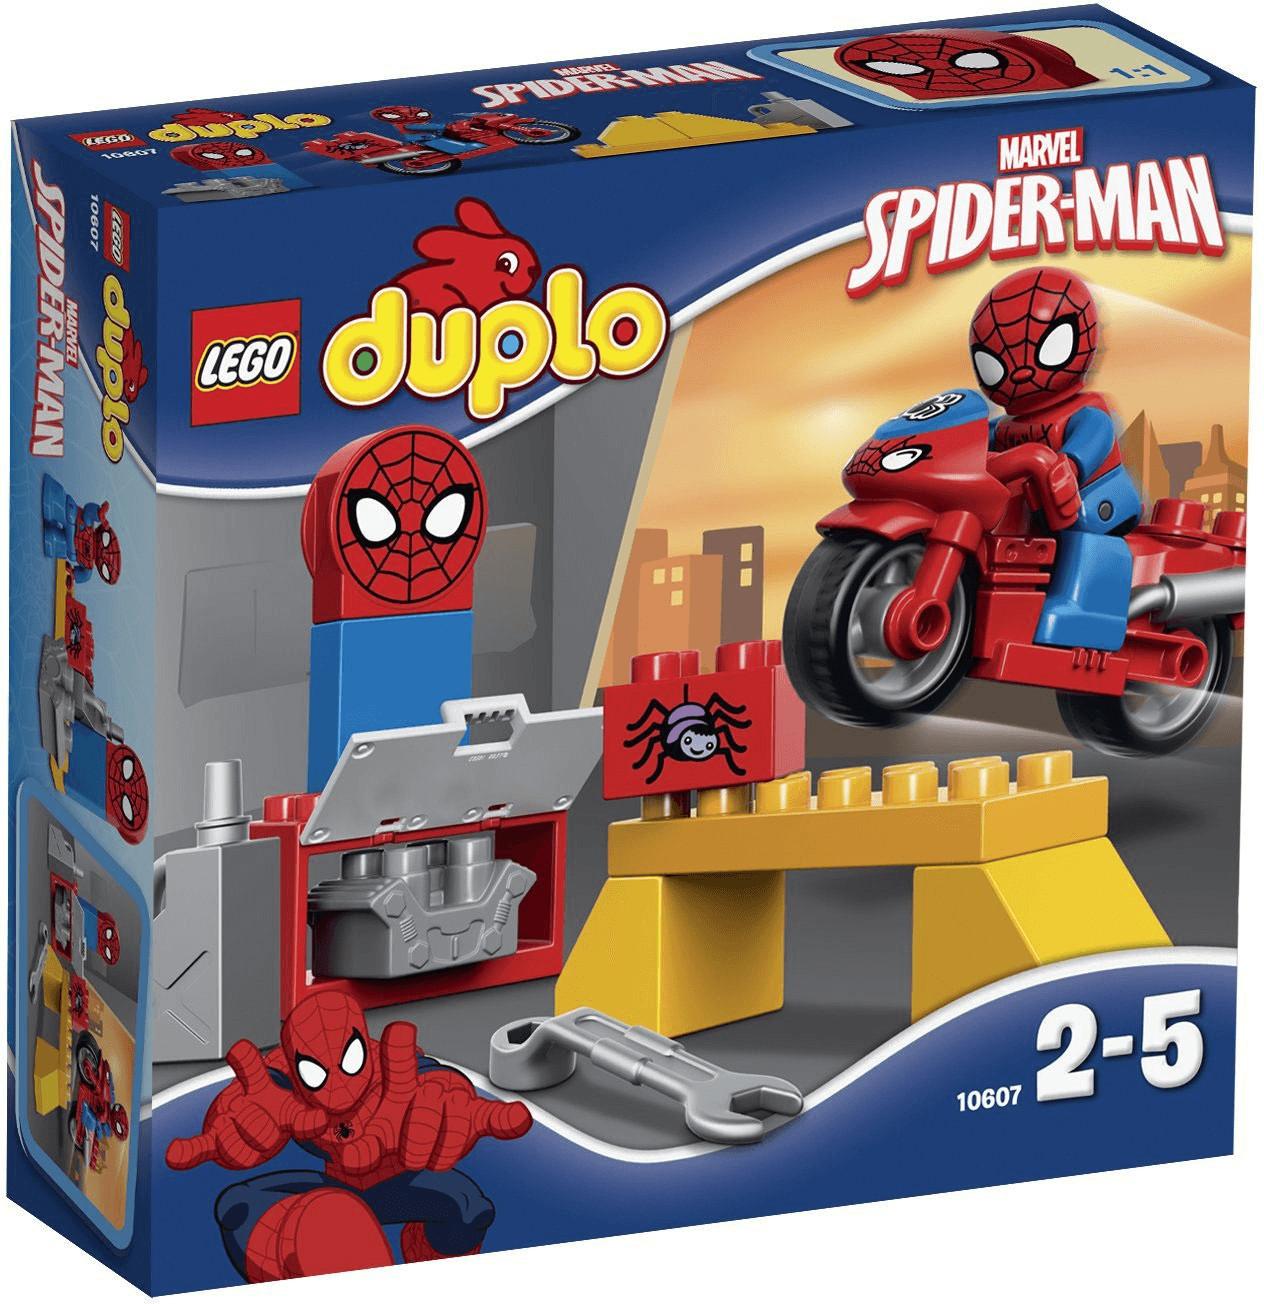 LEGO Duplo Spider-Man - Motorrad-Werkstatt (10607)